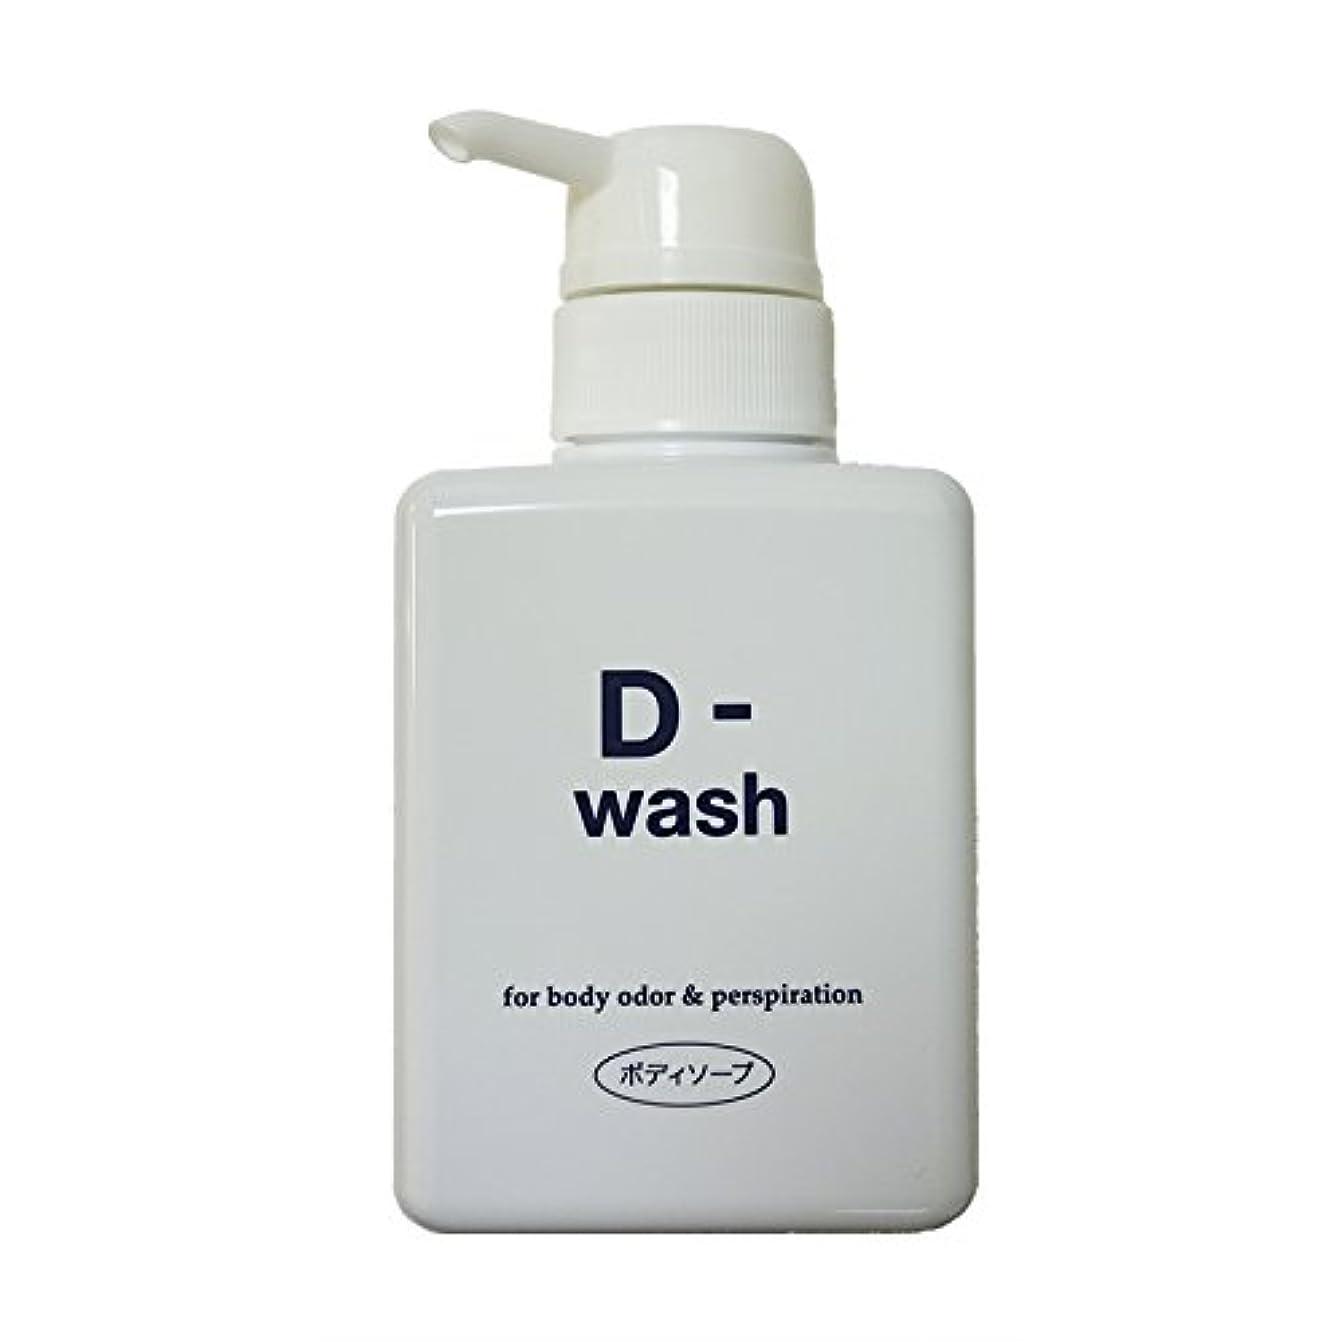 バッチ変装した厳ディーウォッシュ(D-wash)